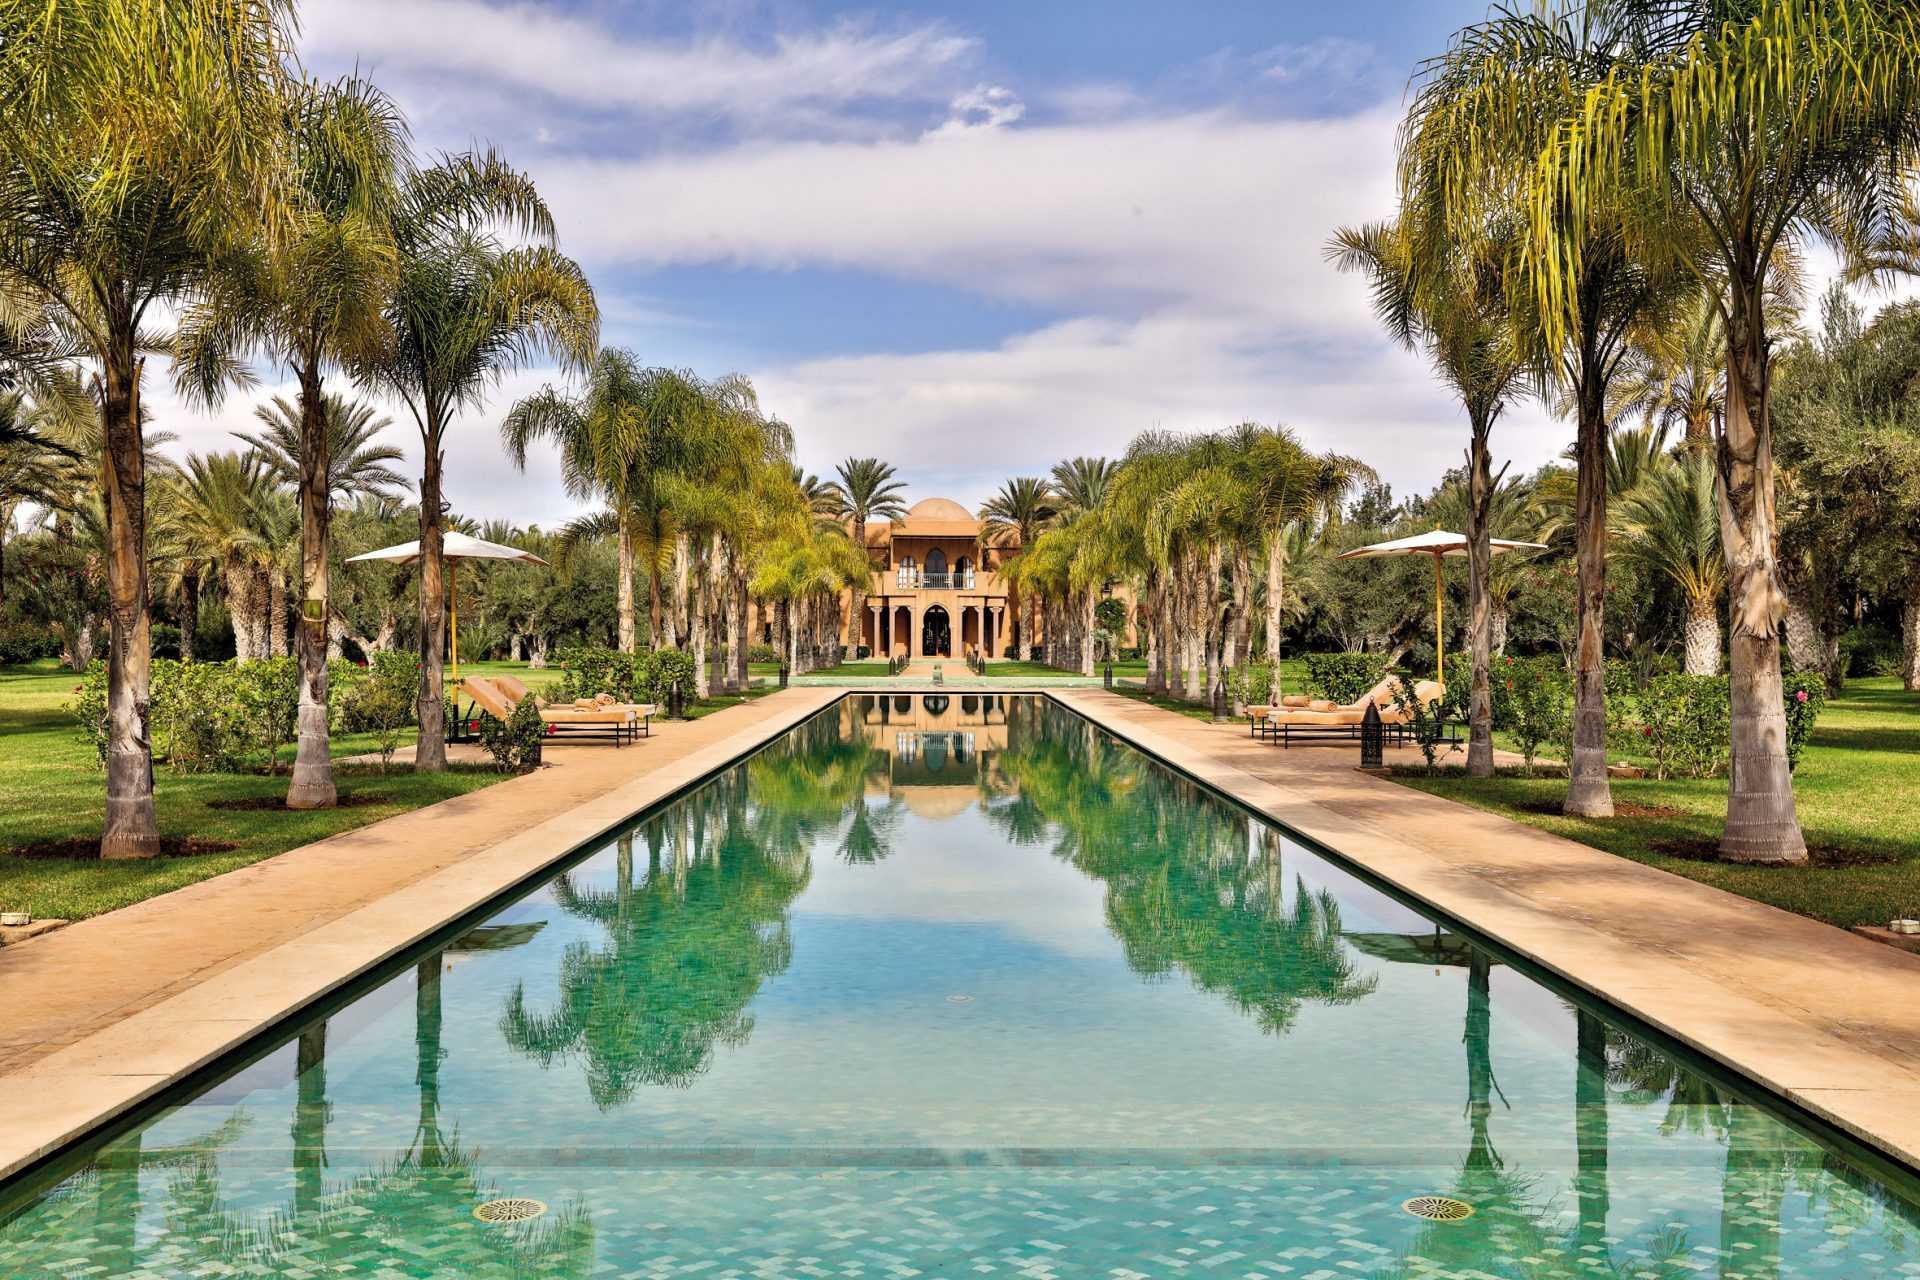 Barnes International fait son entrée au Maroc